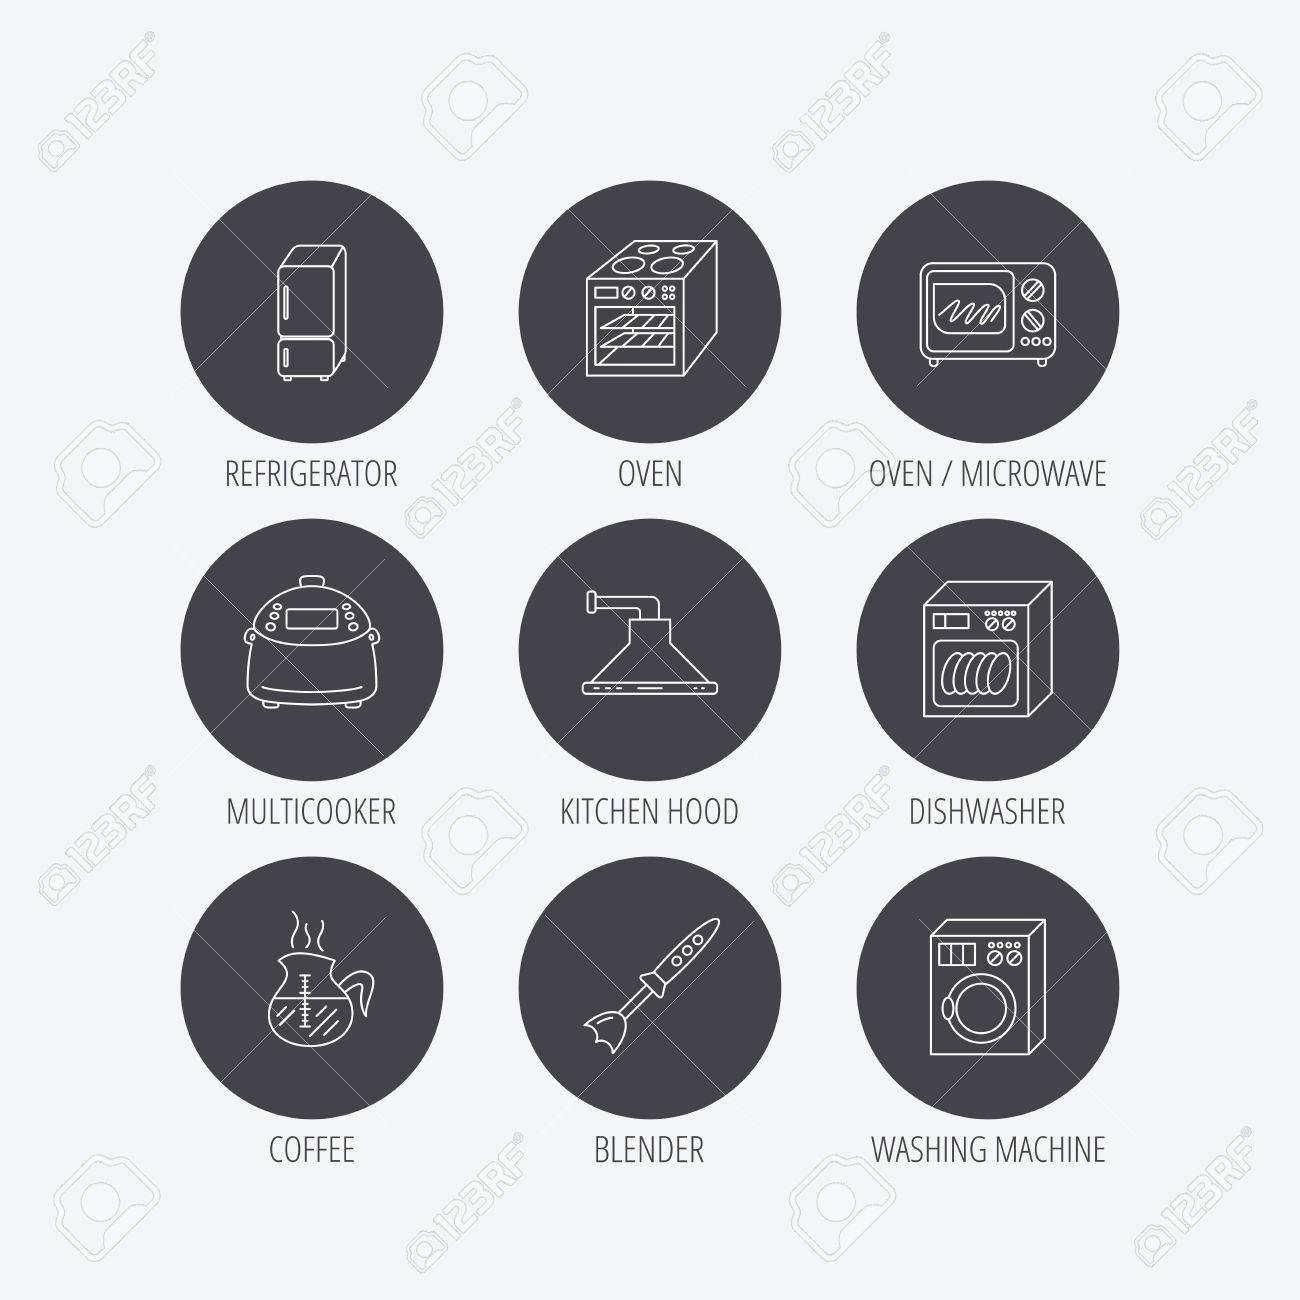 Super Mikrowelle, Waschmaschine Und Mixer-Symbole. Kühlschrank GQ93